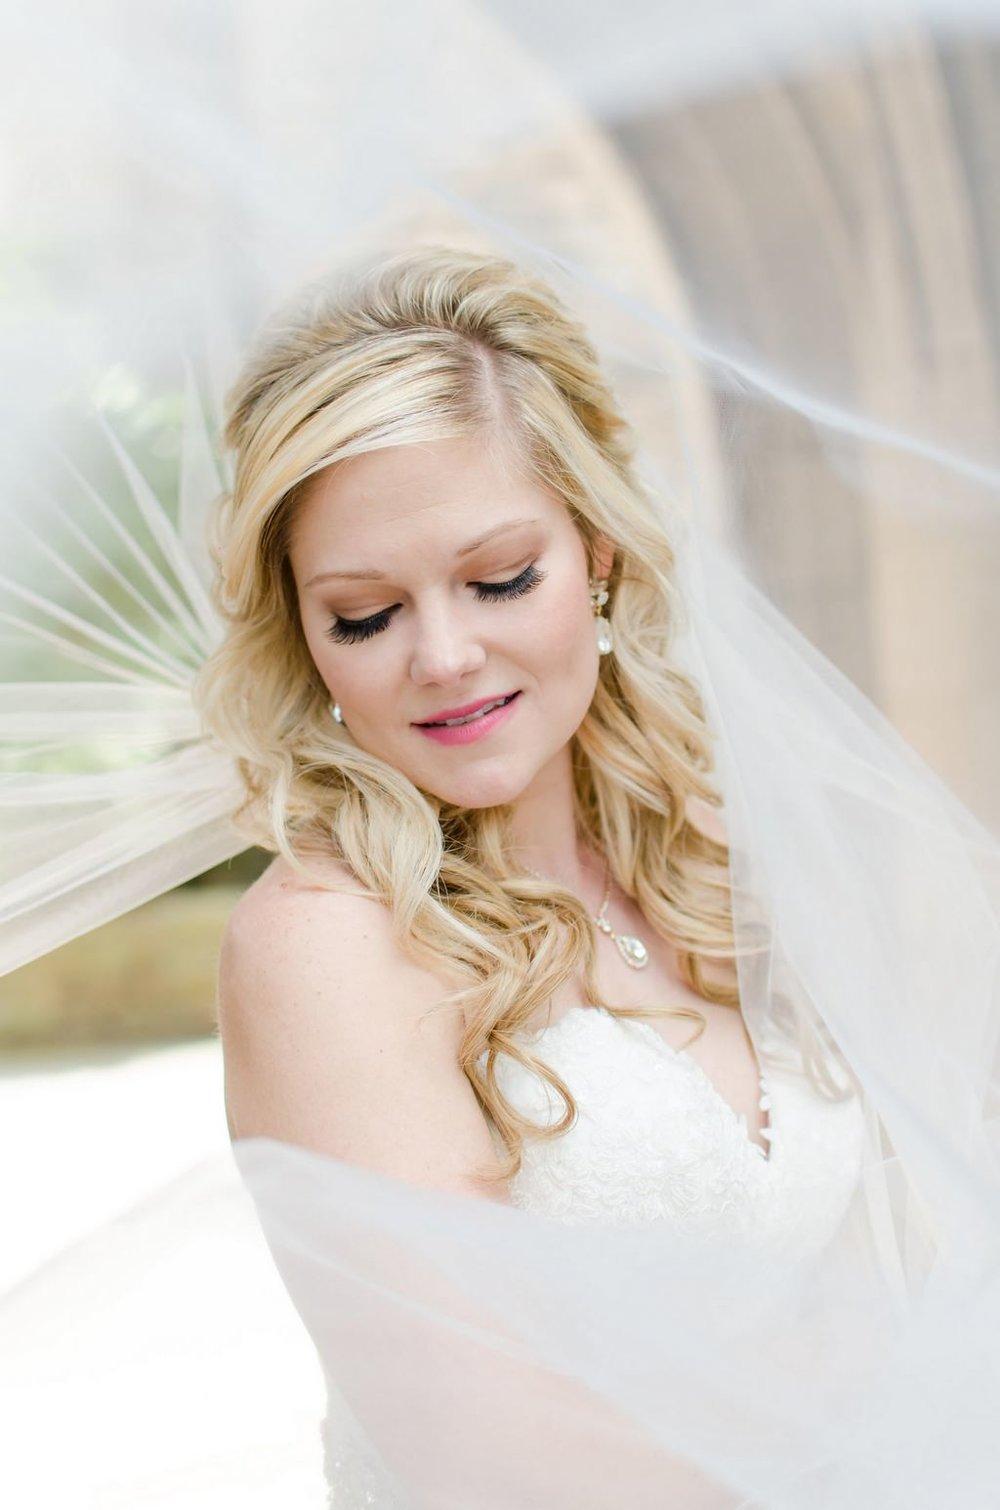 Scarritt-Bennett-Nashville-Bridal-Session-Wedding-Photographer+10